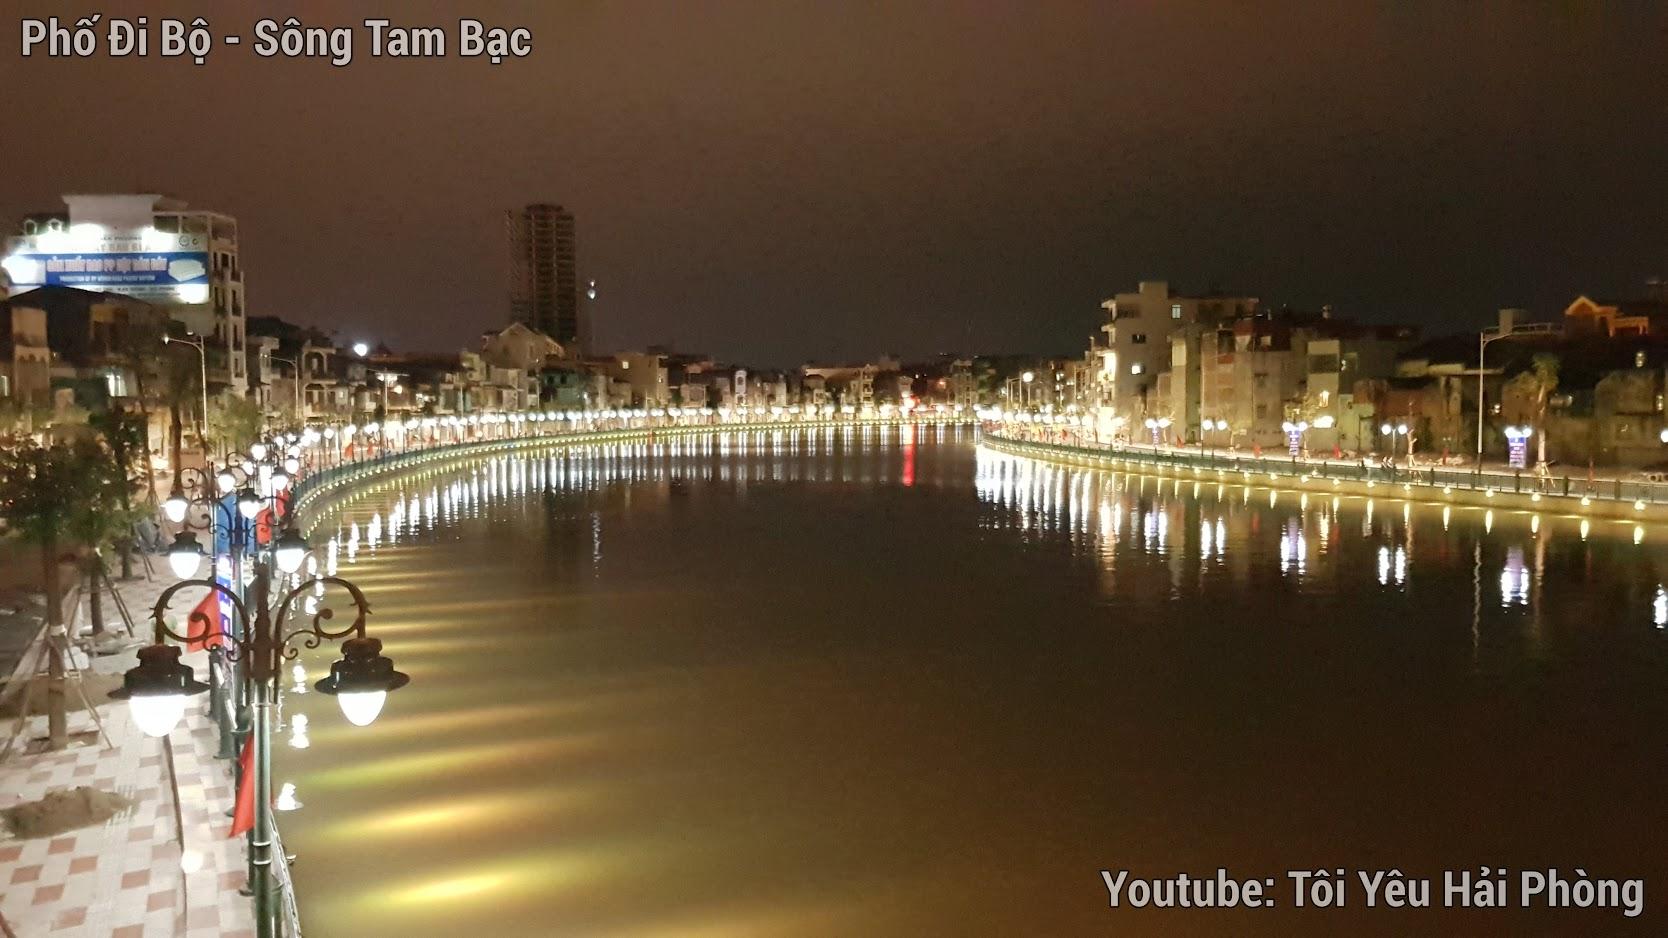 Buổi tối ở Phố Đi Bộ bên sông Tam Bạc ở Hải Phòng 8